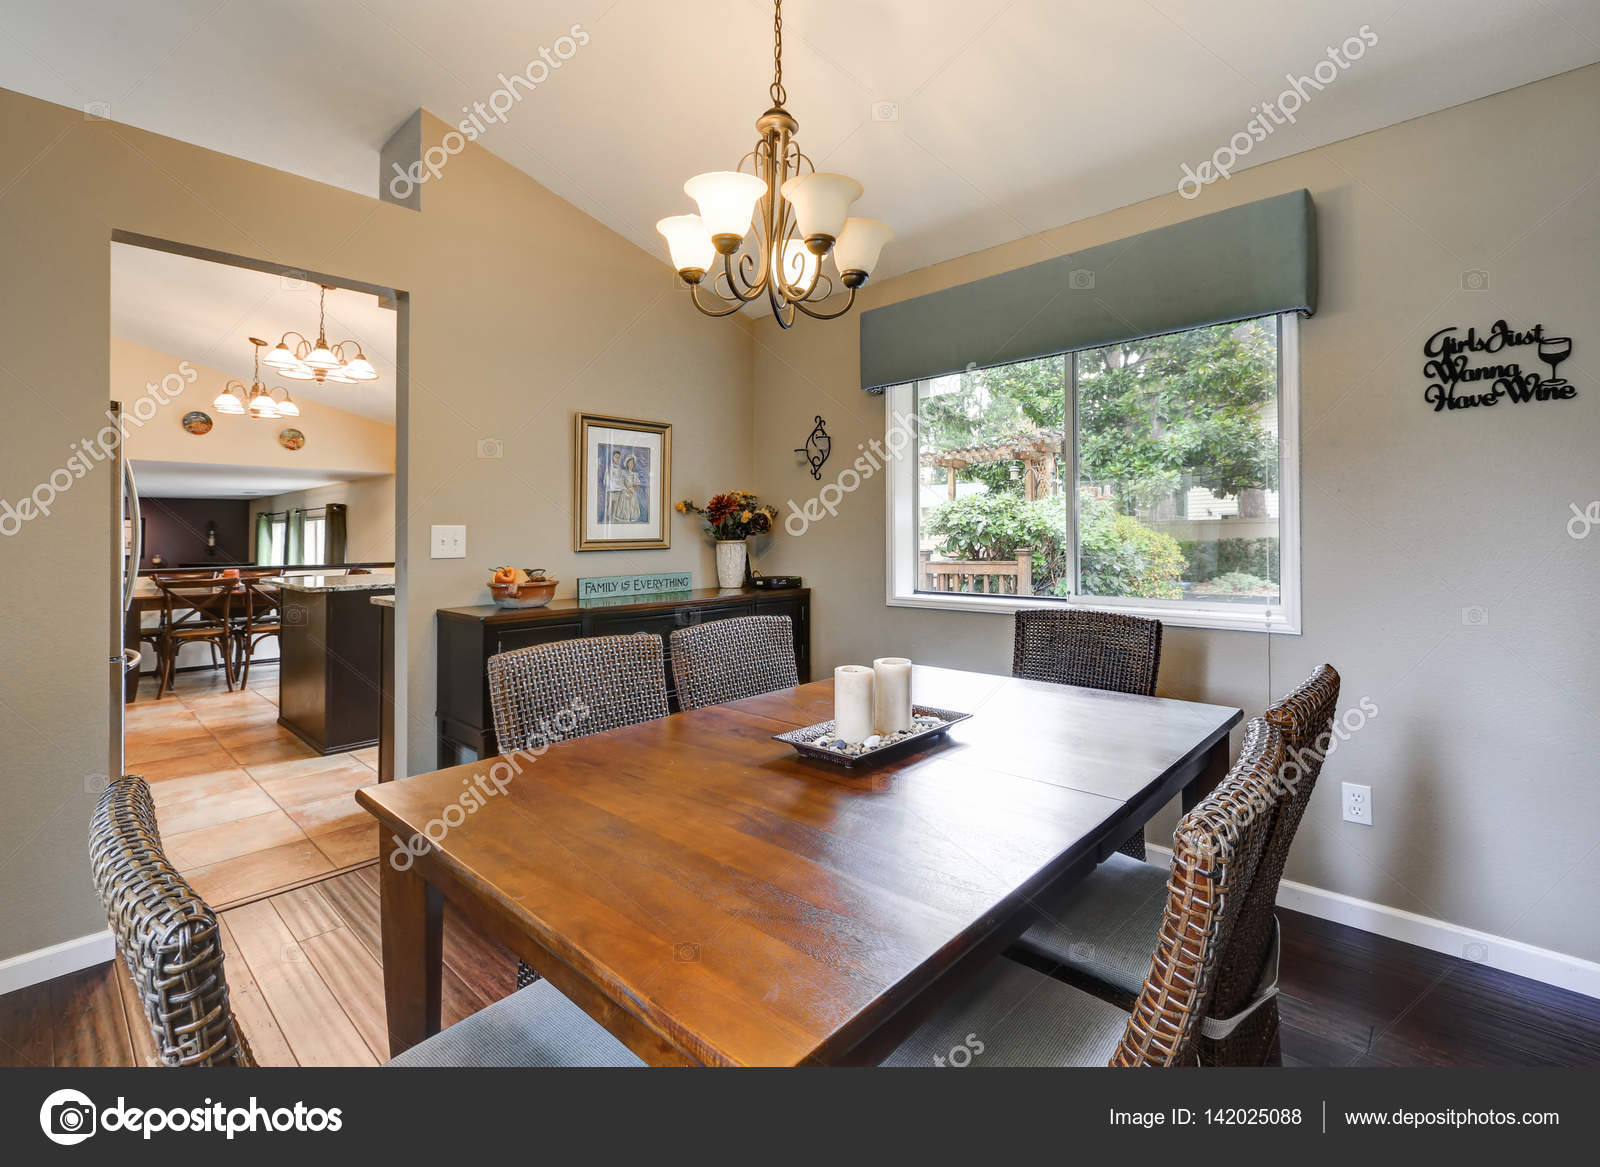 Elegante comedor decorada con sillas de mimbre — Foto de stock ...